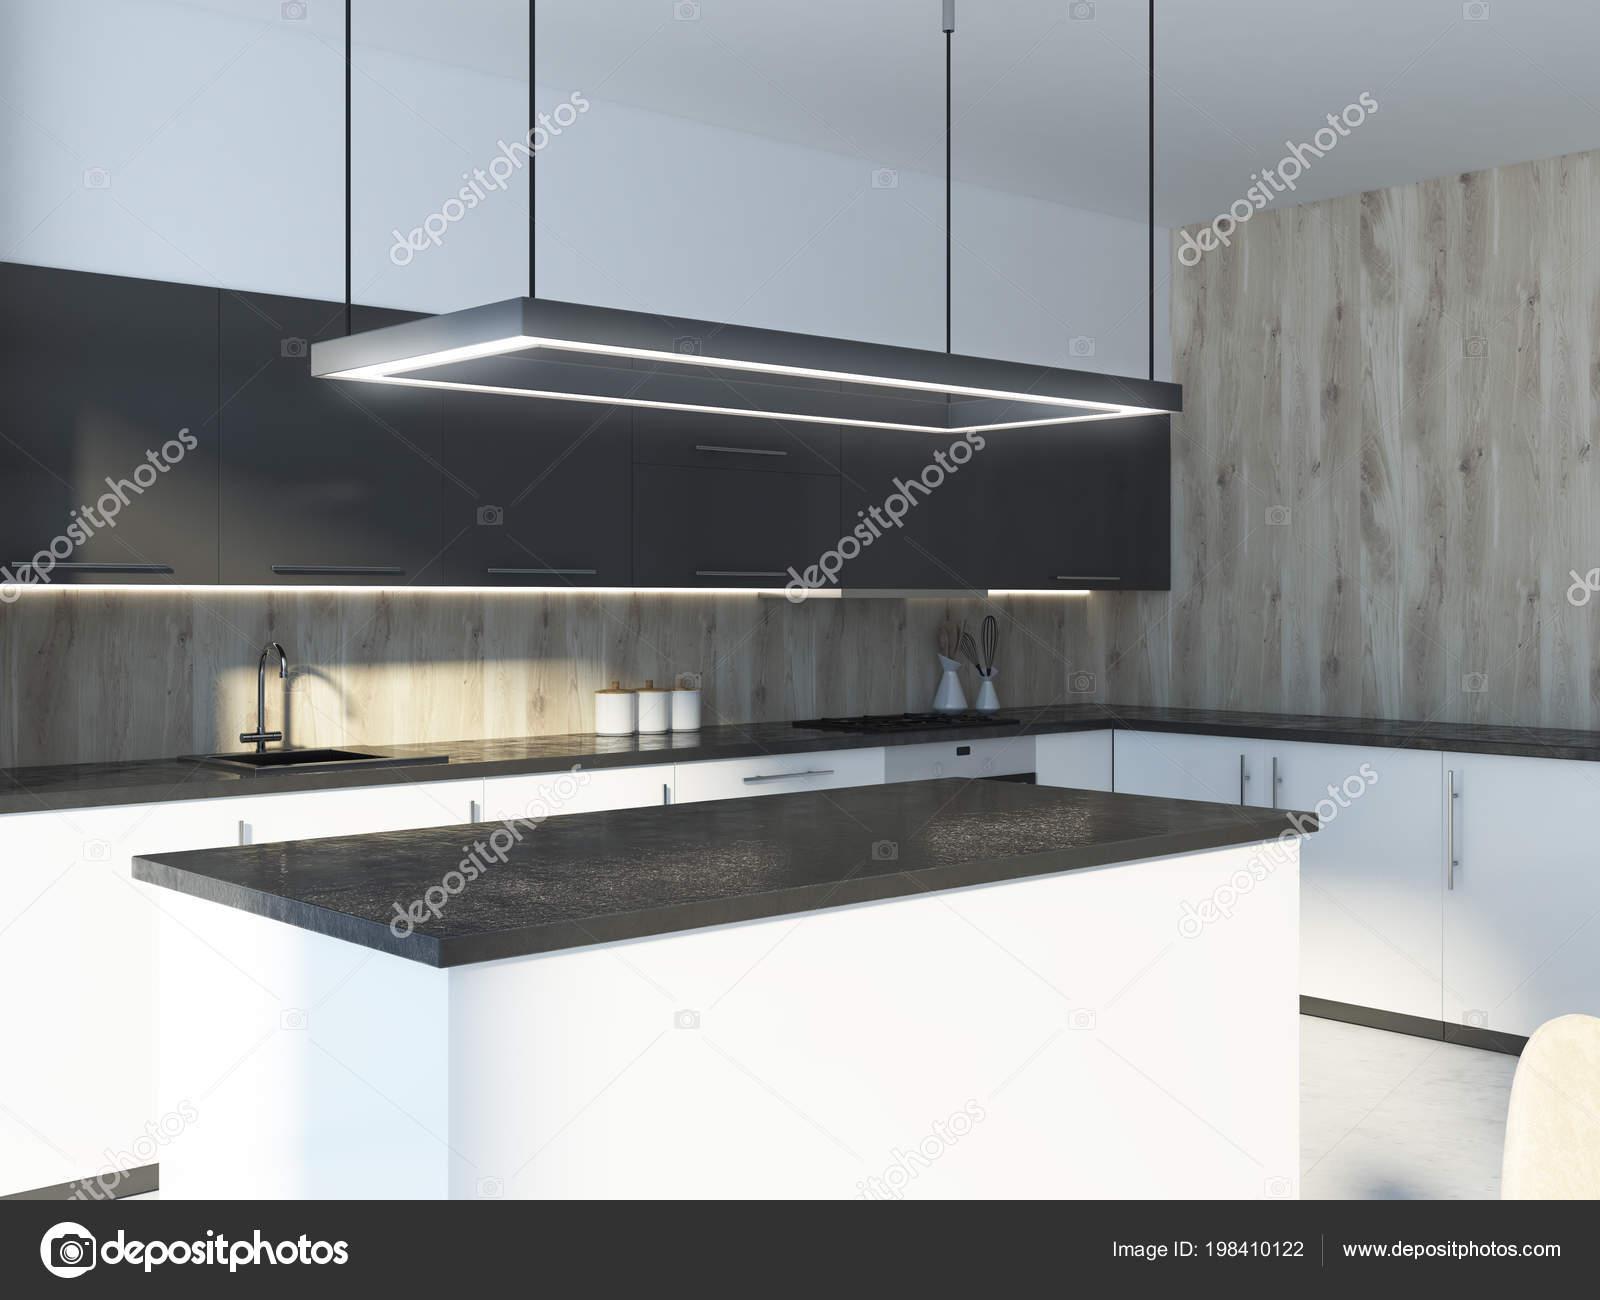 grey kitchen island prefabricated outdoor 黑色厨房岛站在白色和灰色的台面在一个木墙厨房内部渲染模拟 图库照片 黑色厨房岛站在白色和灰色的台面在一个木墙厨房内部